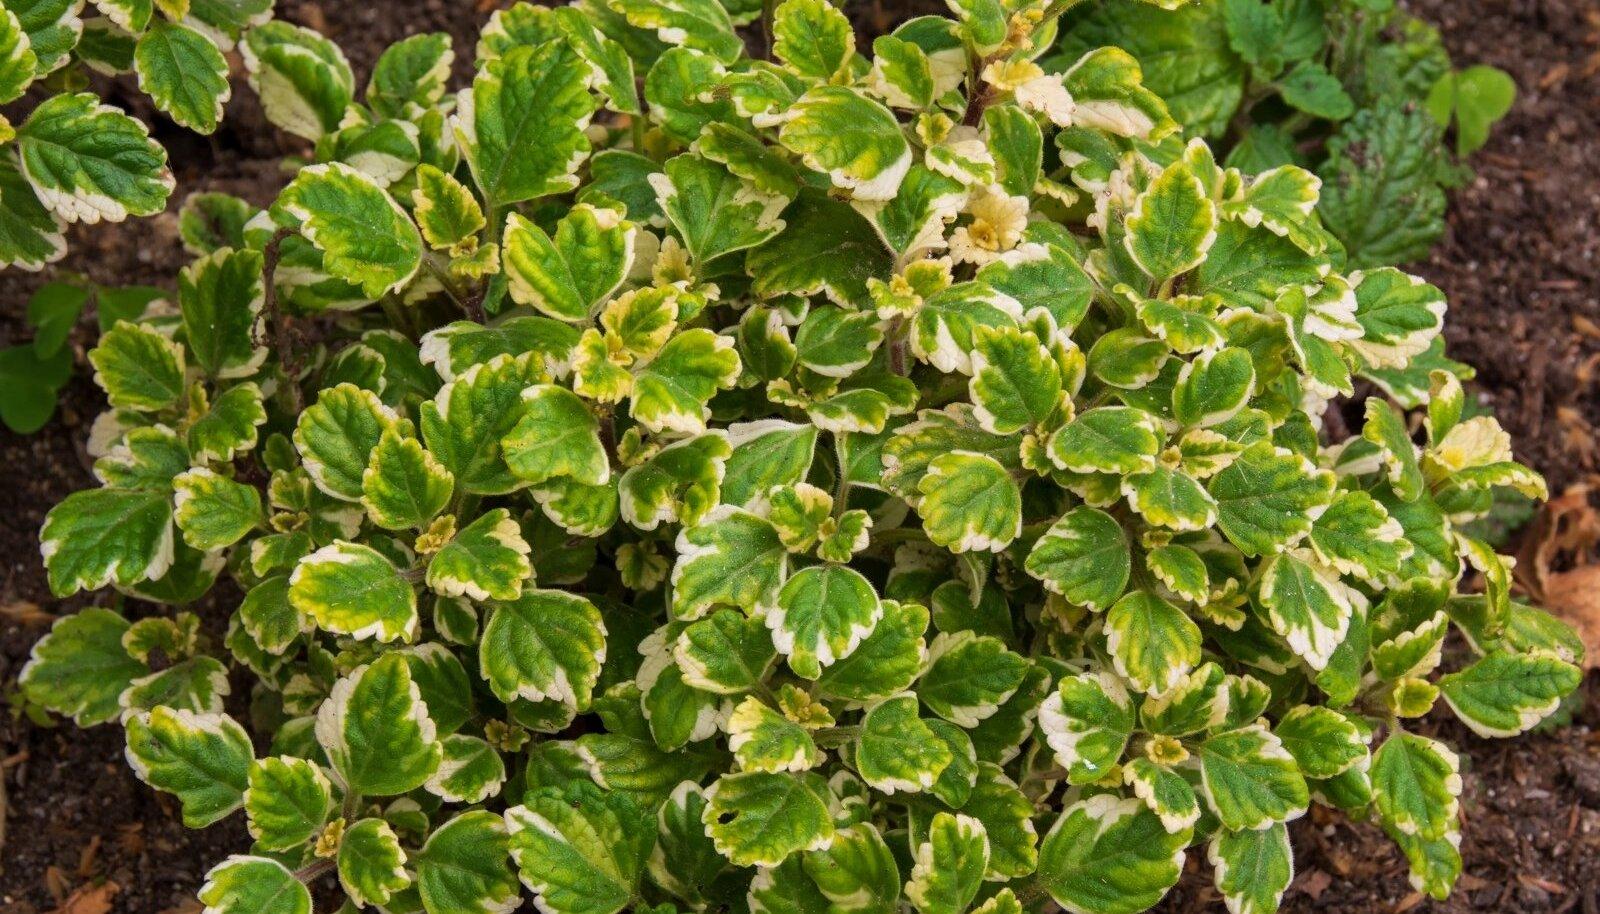 Suva ilunõges on väga lopsakas taim, mille dekoratiivsed värvilised lehed köidavad juba kaugelt pilku.